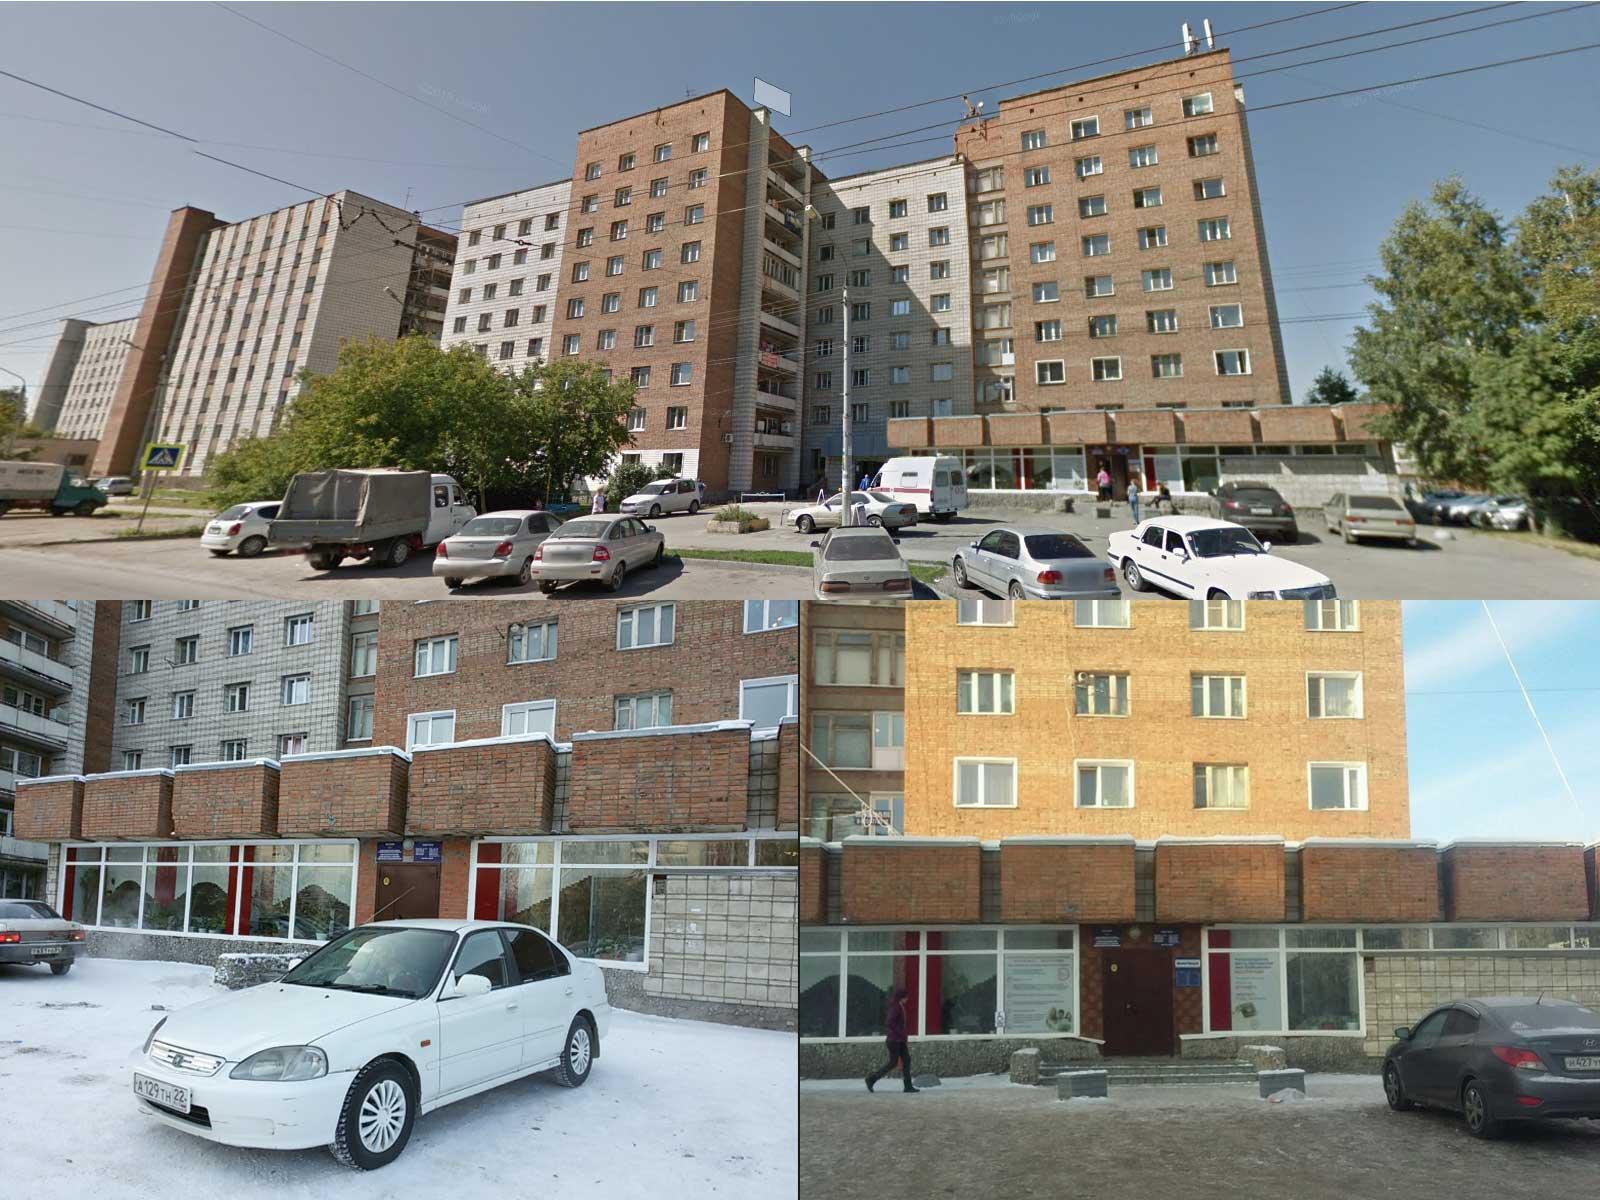 Вид на здание УФМС по Кировскому району, Новосибирск